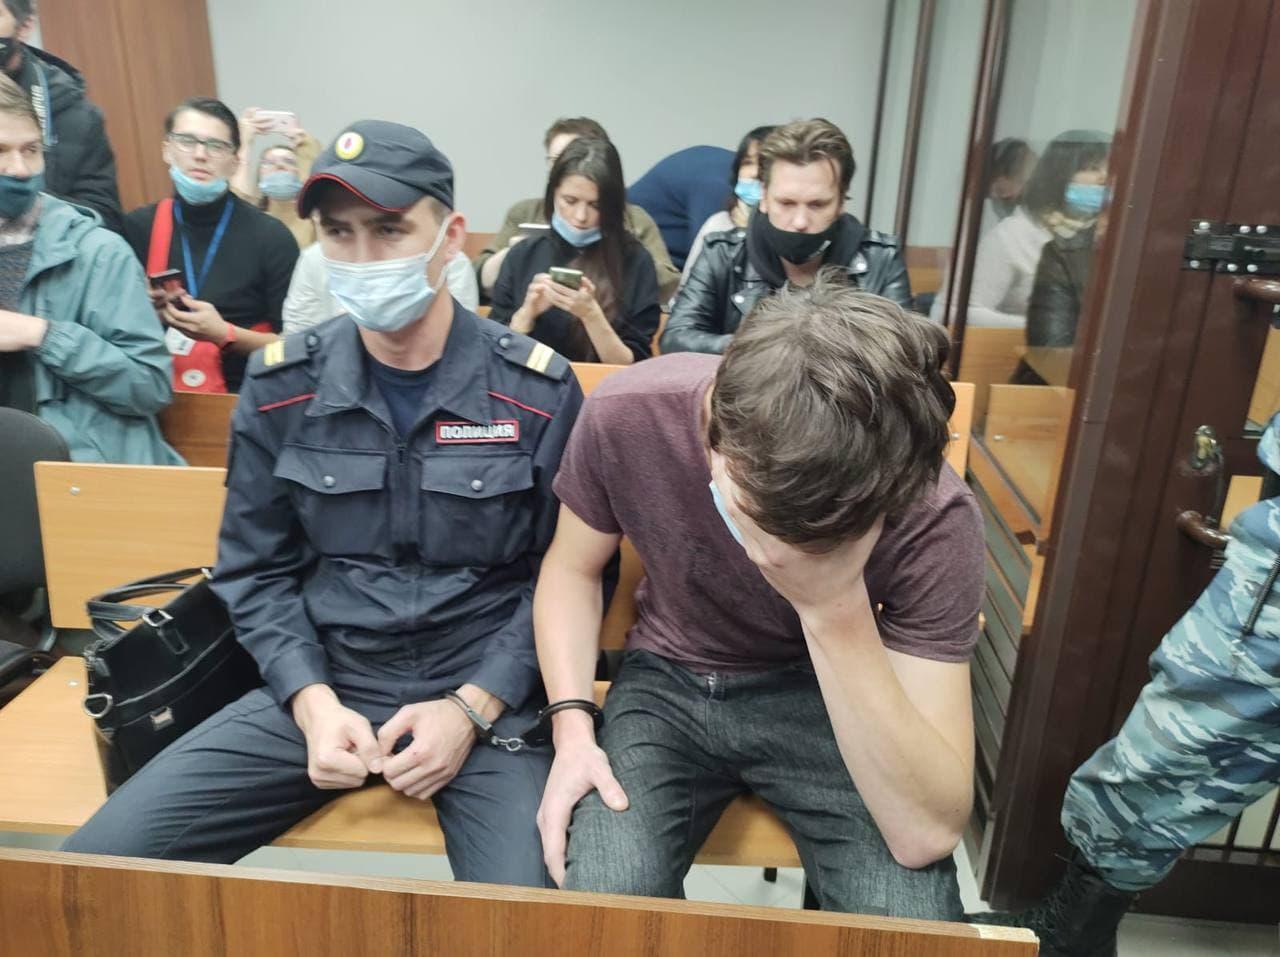 Руслан Нургалиев на суде заявил, что не знал, откуда выносит сейф. И тем более не предполагал, что грабит Следственный комитет.